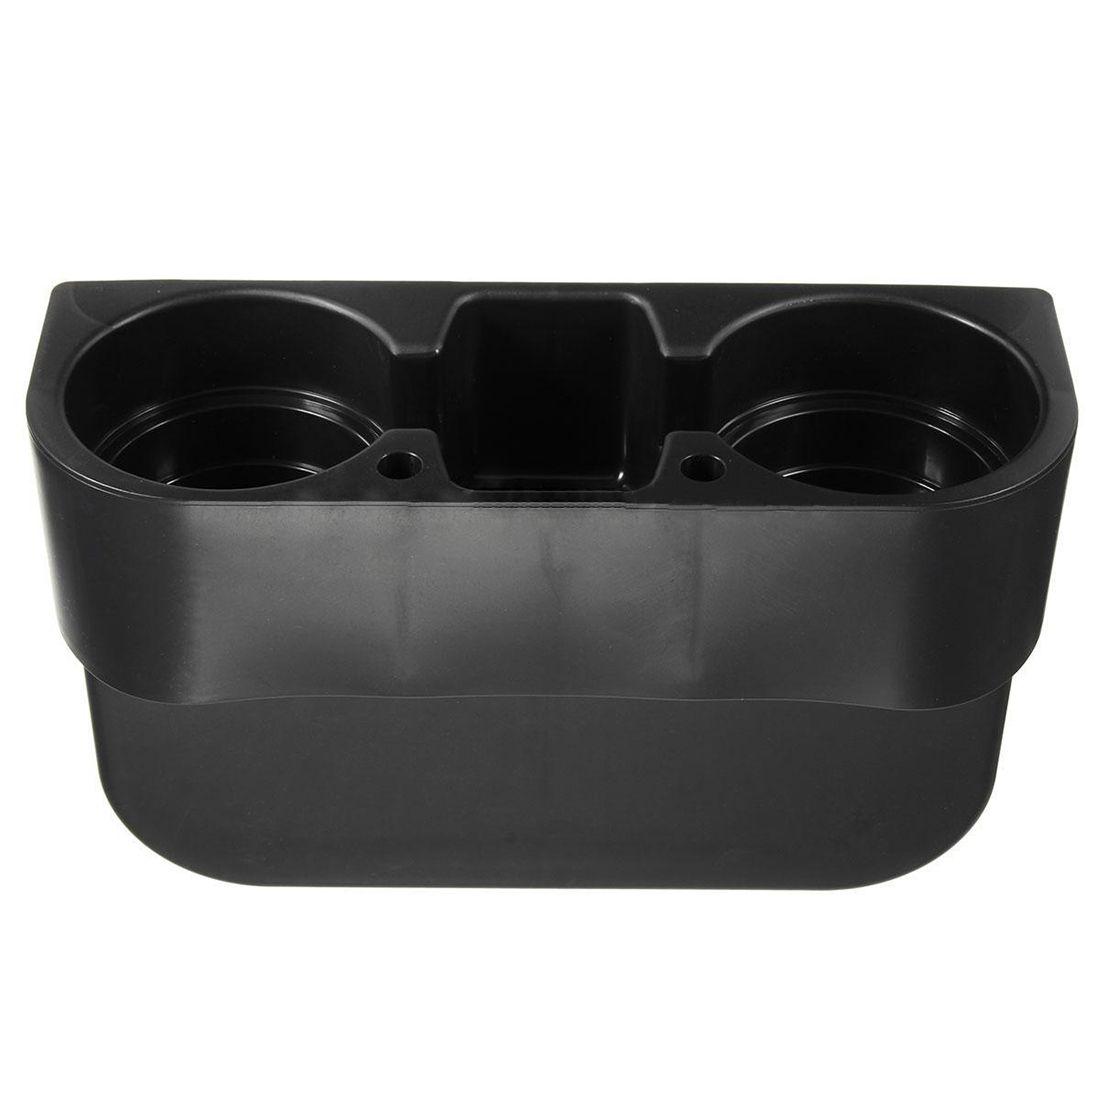 drink holder cup holder cup holder car coffee holder drink holder universal g0g1 ebay. Black Bedroom Furniture Sets. Home Design Ideas